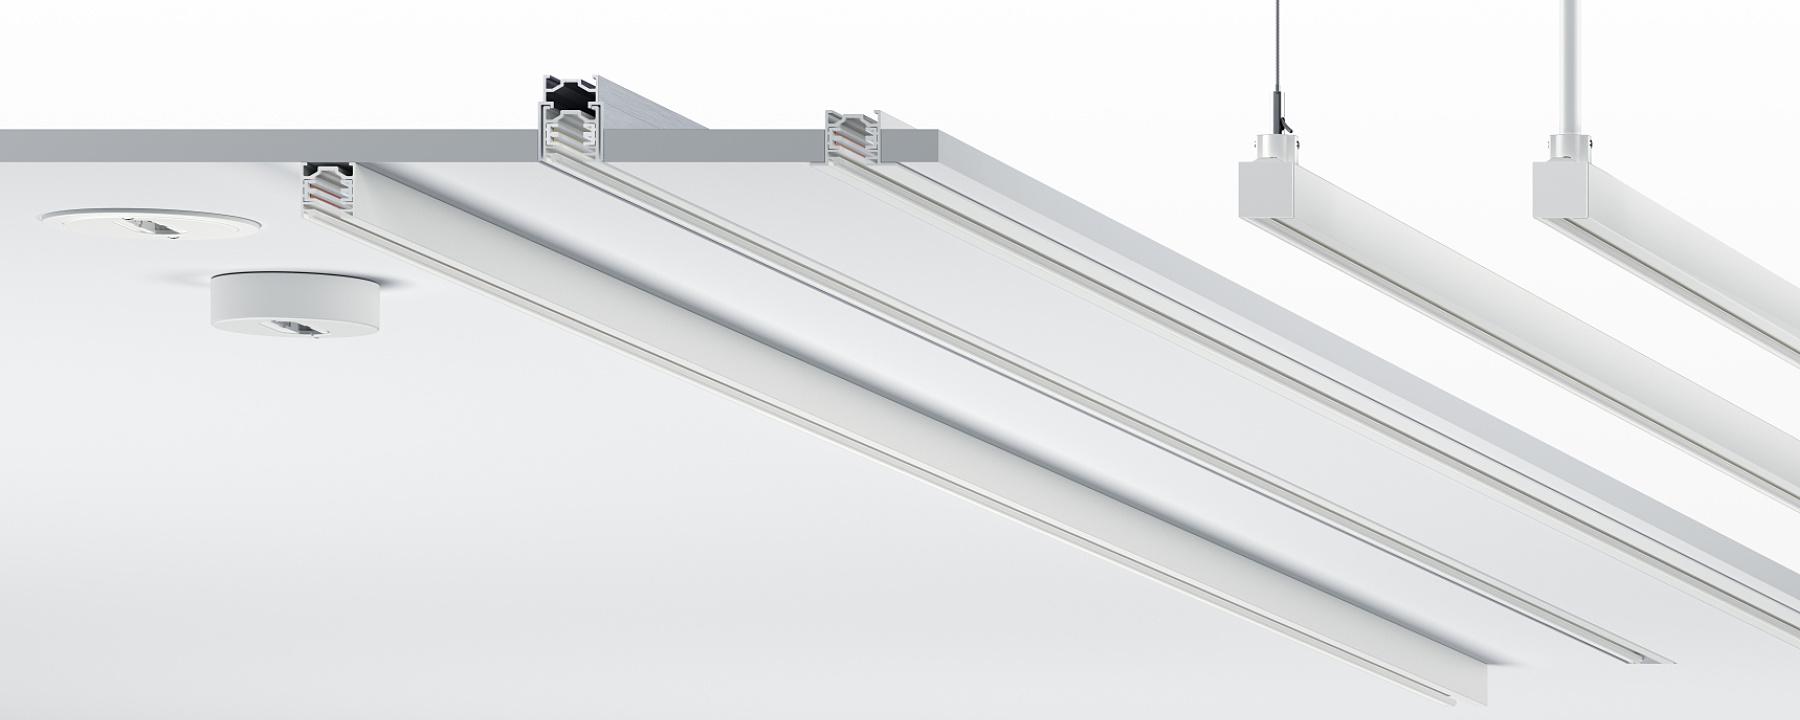 Innenraum - Stromschienen und Lichtstrukturen - ERCO Stromschienen